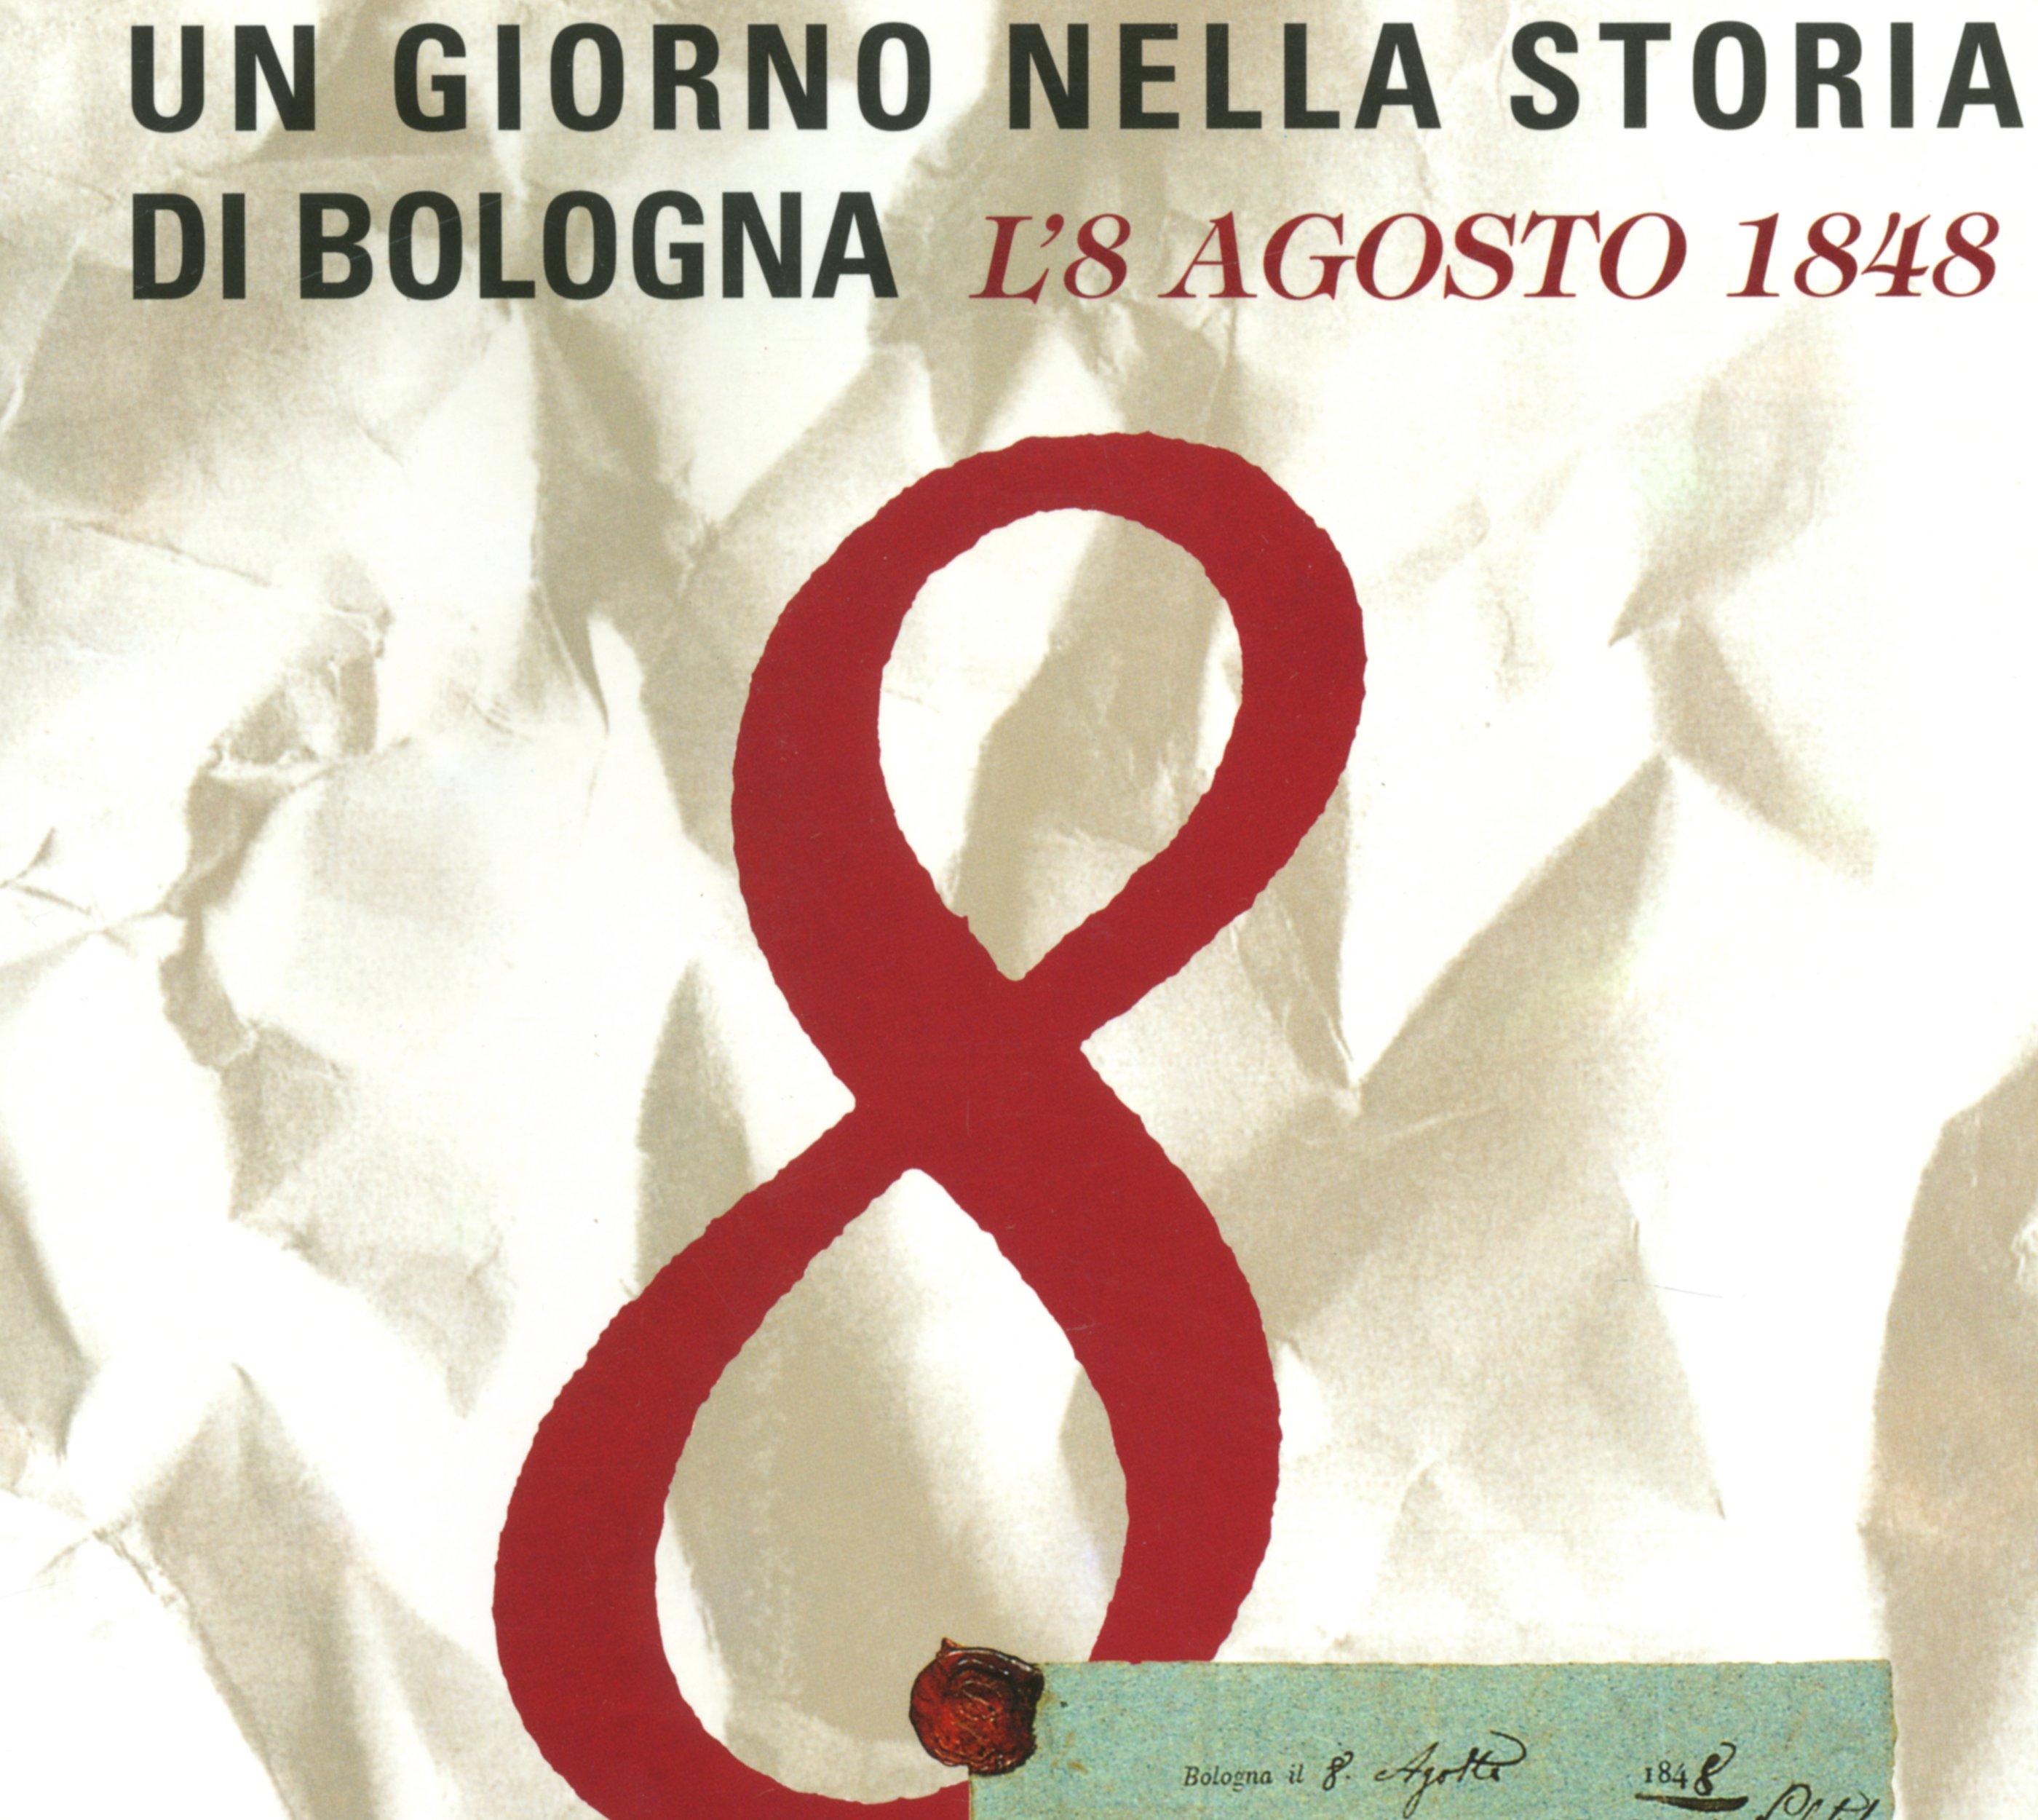 Un giorno nella storia di Bologna. 8 agosto 1848